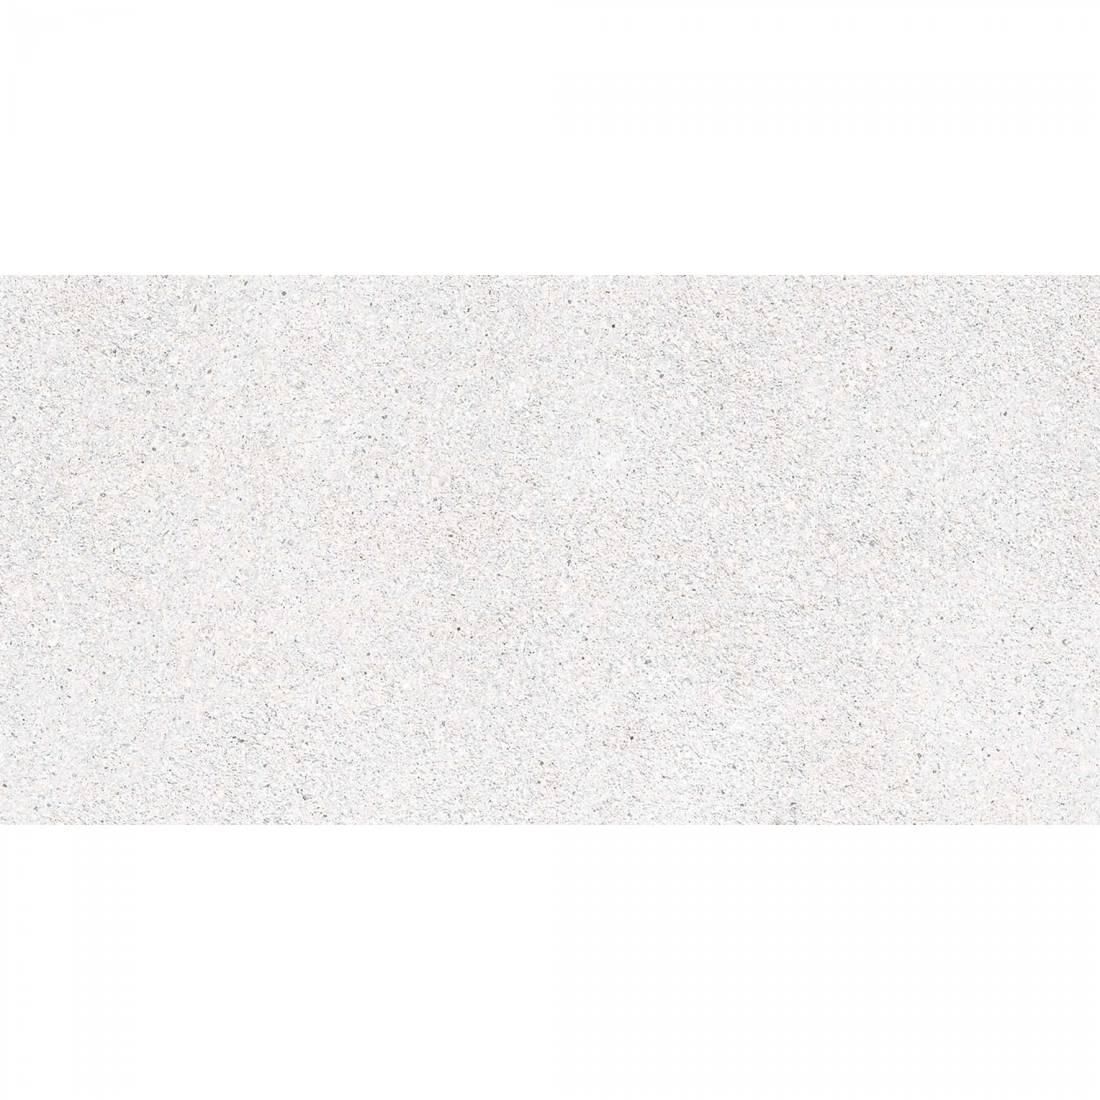 Duncan 30x60 White Matt 1